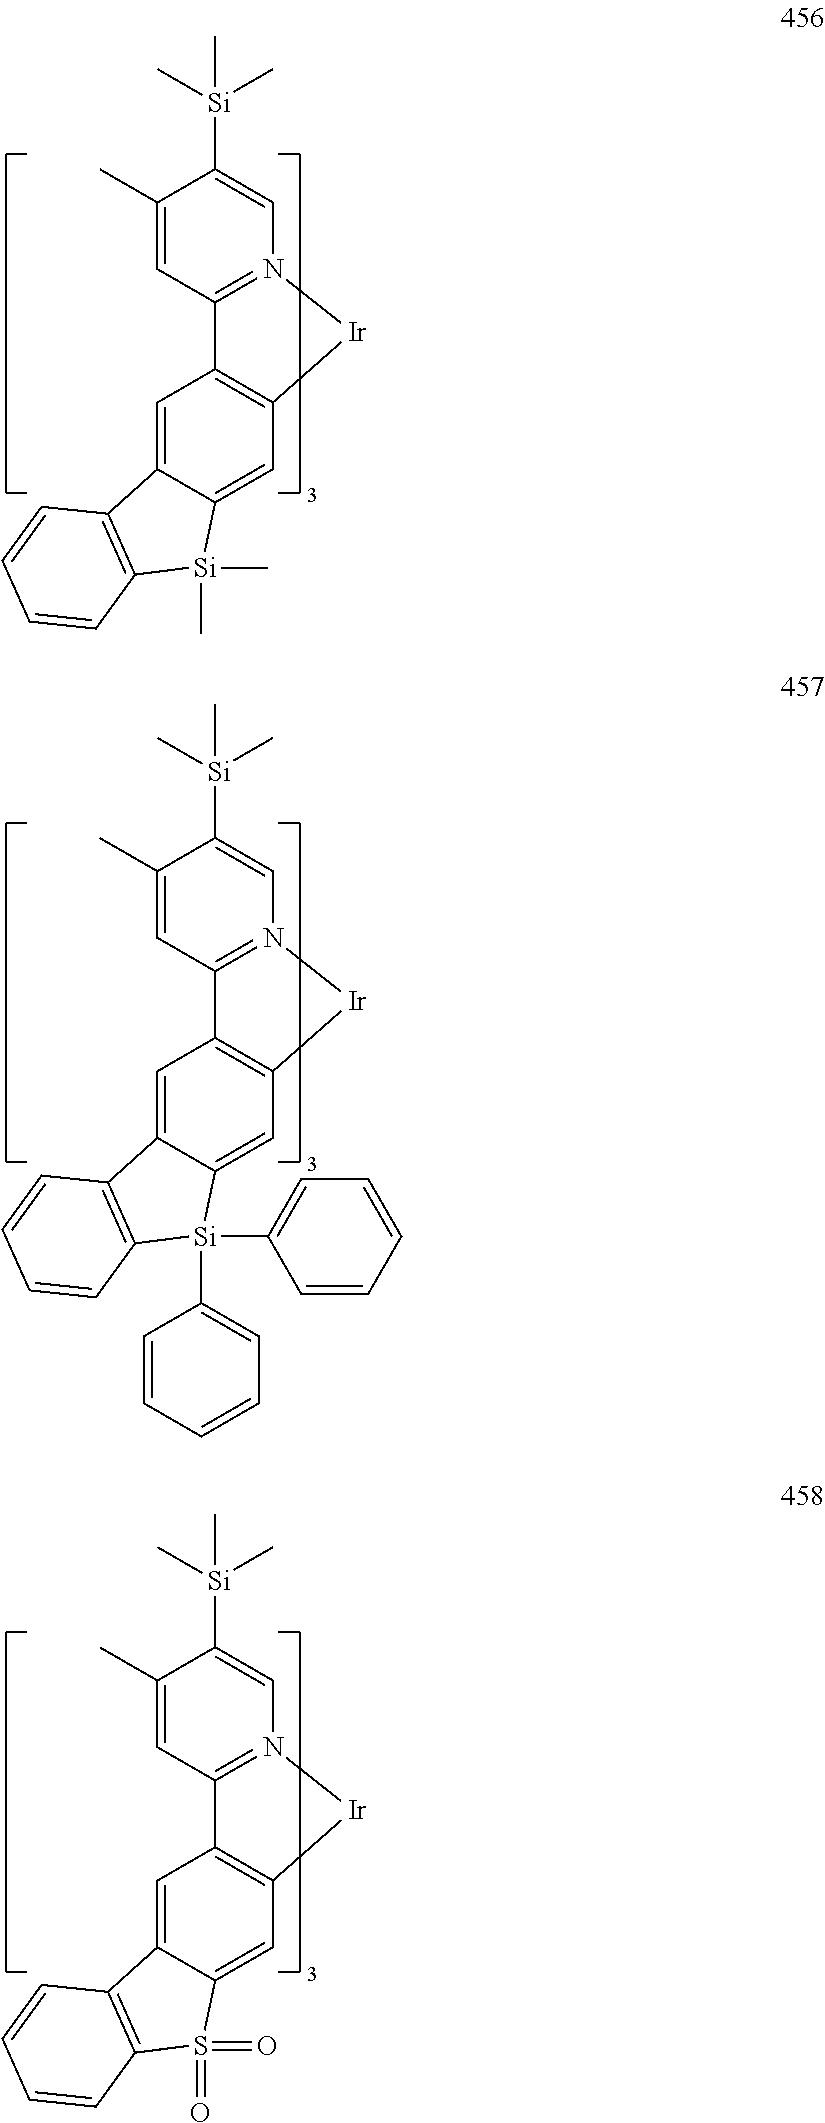 Figure US20160155962A1-20160602-C00197